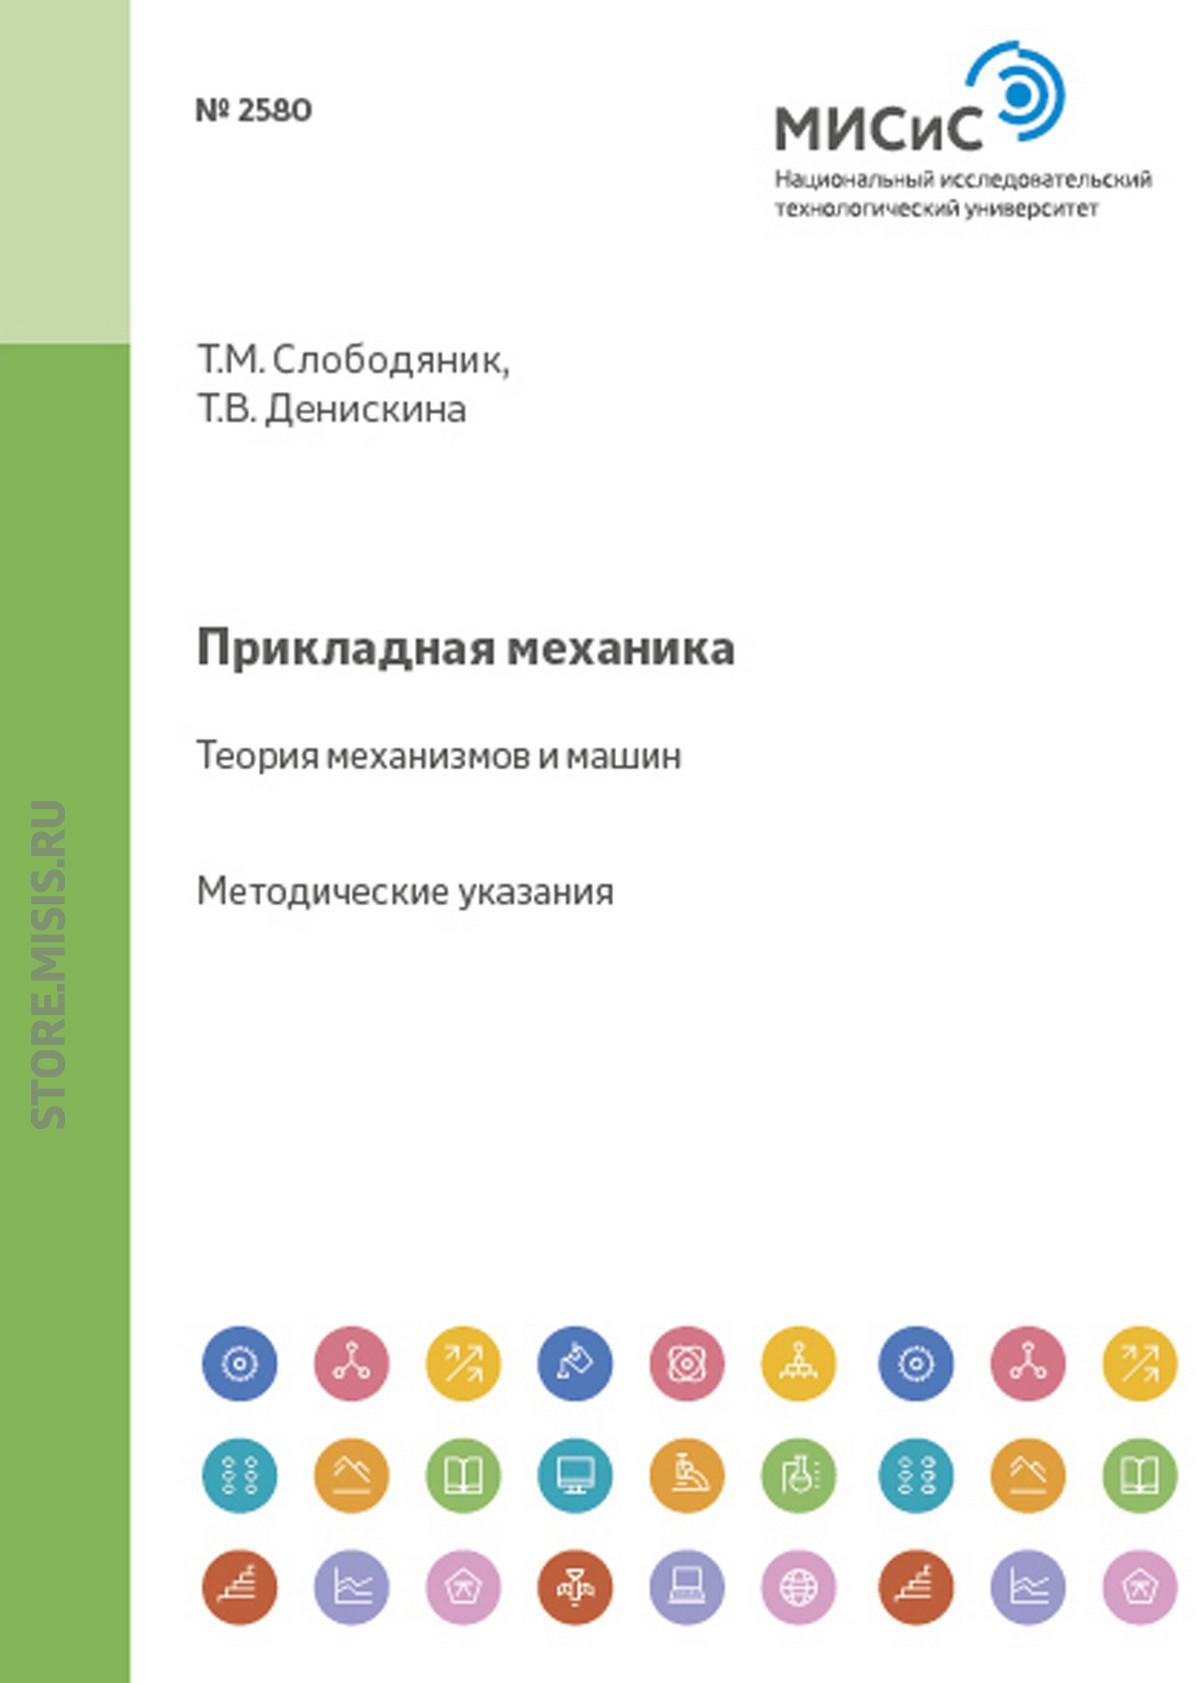 Татьяна Денискина Прикладная механика. Теория механизмов и машин